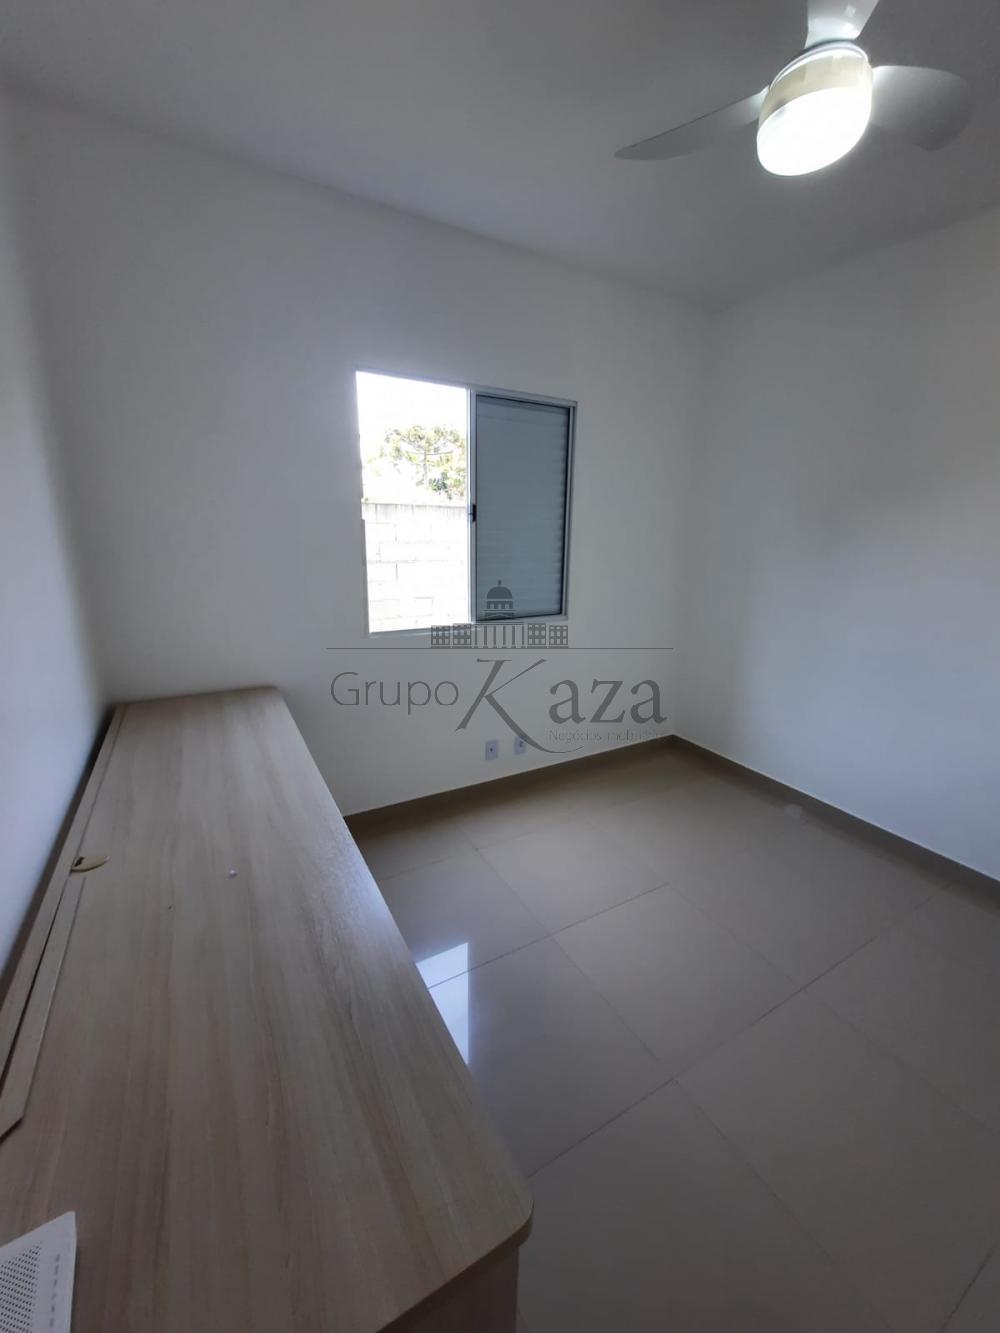 alt='Comprar Apartamento / Padrão em São José dos Campos R$ 280.000,00 - Foto 5' title='Comprar Apartamento / Padrão em São José dos Campos R$ 280.000,00 - Foto 5'